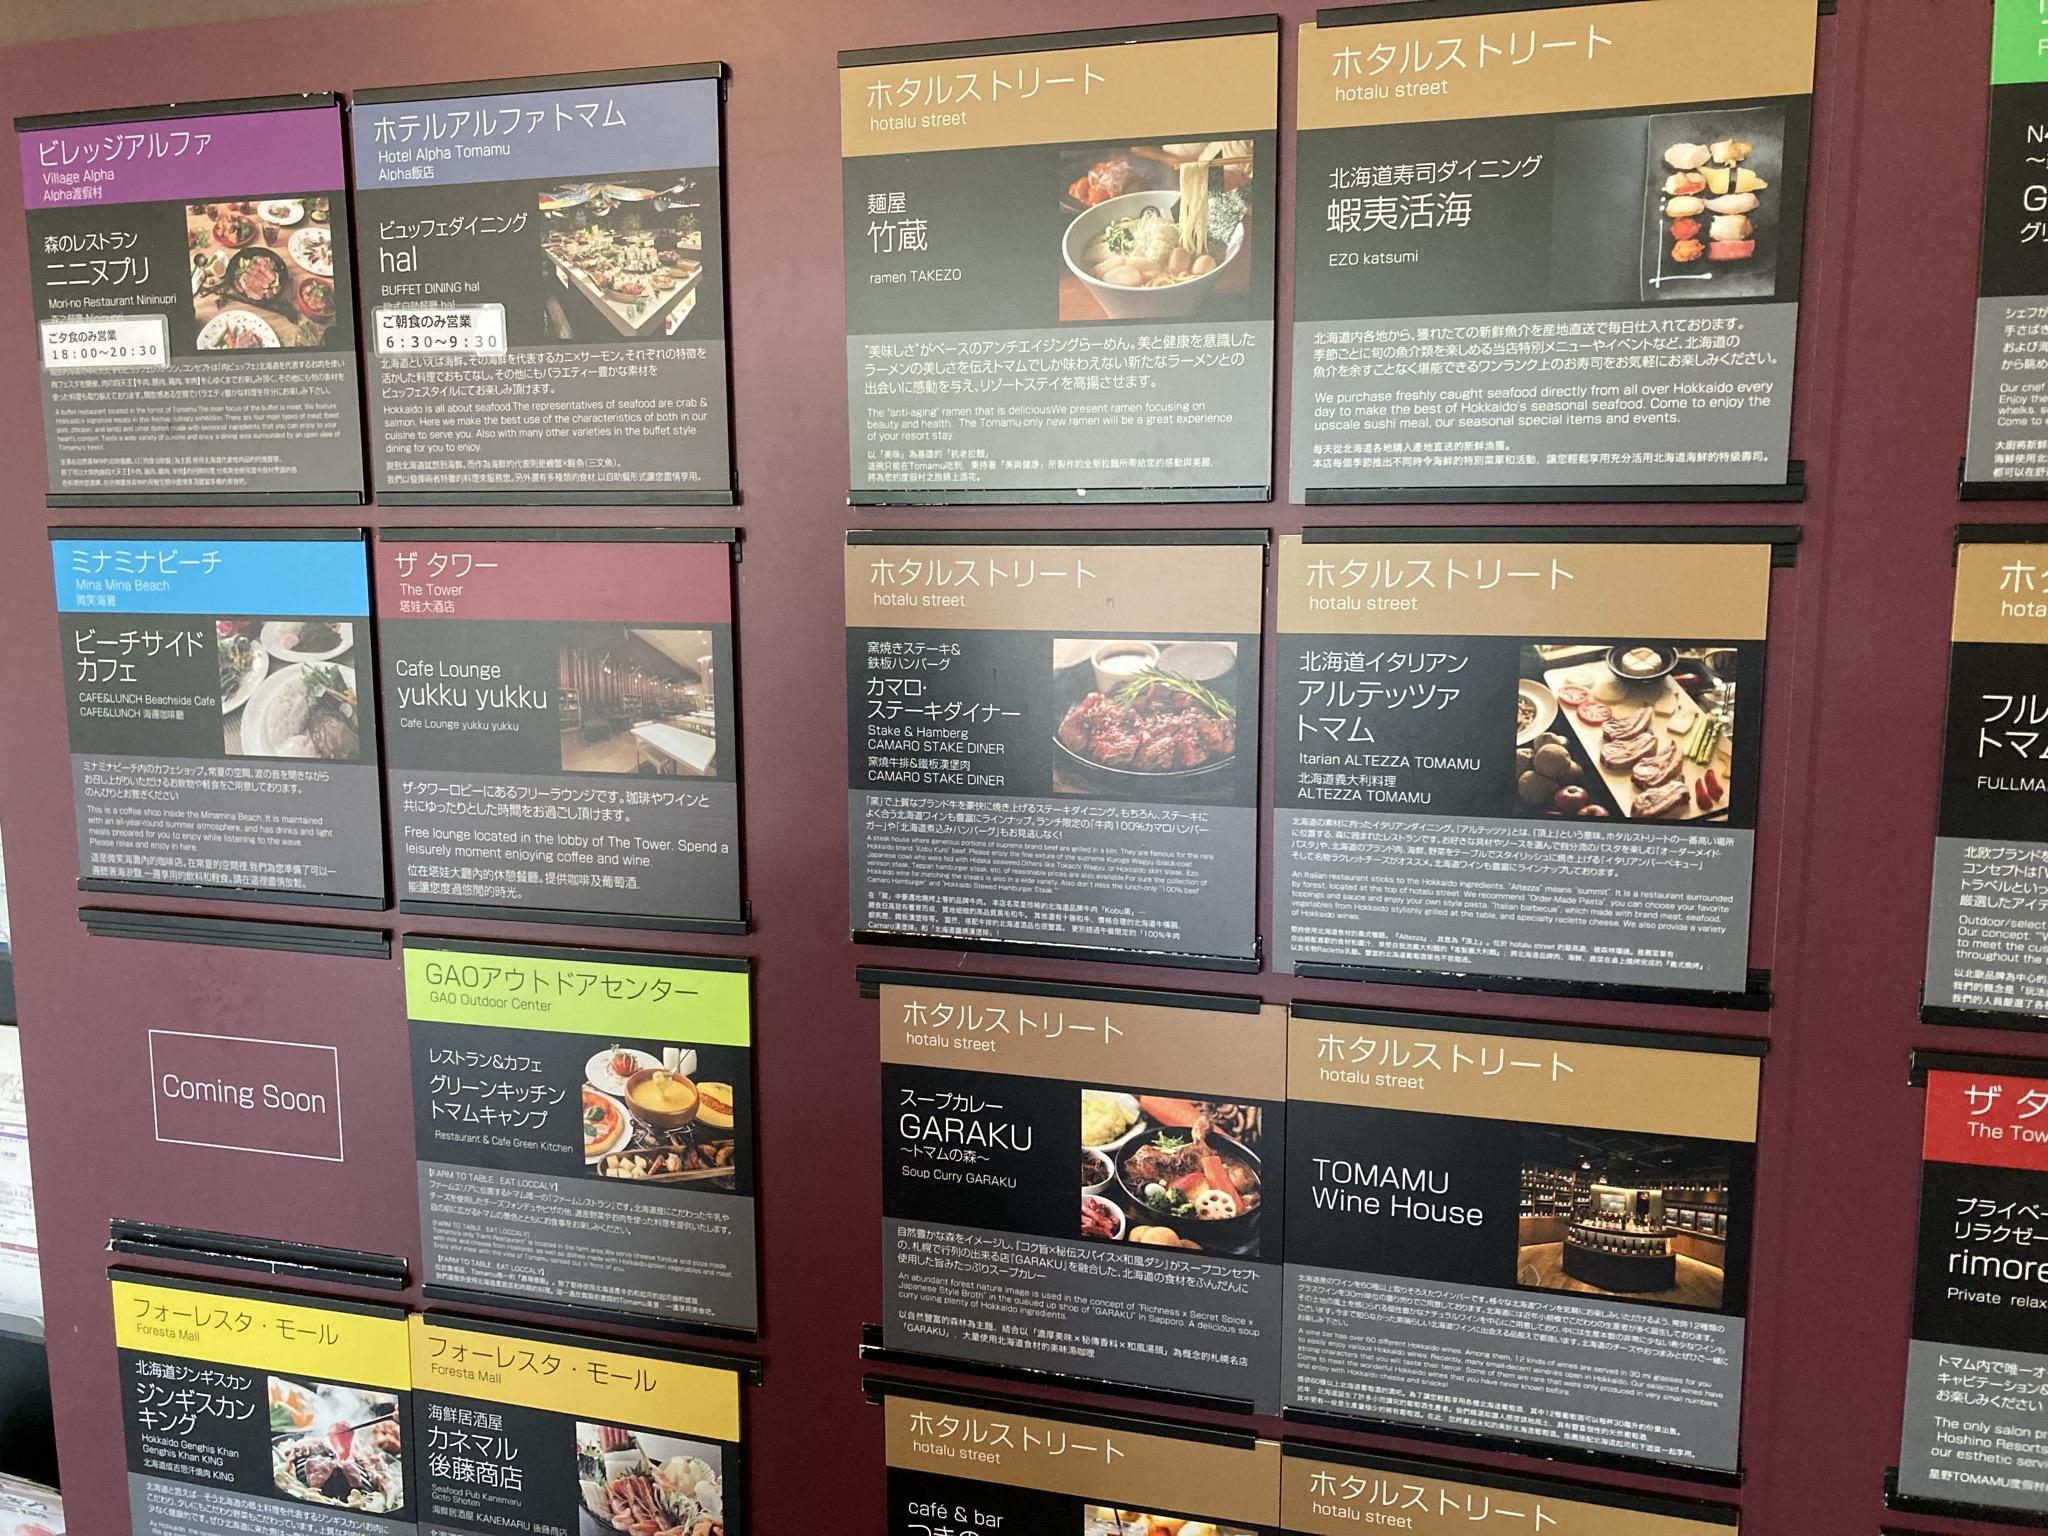 トマムザ・タワーのレストランマップ